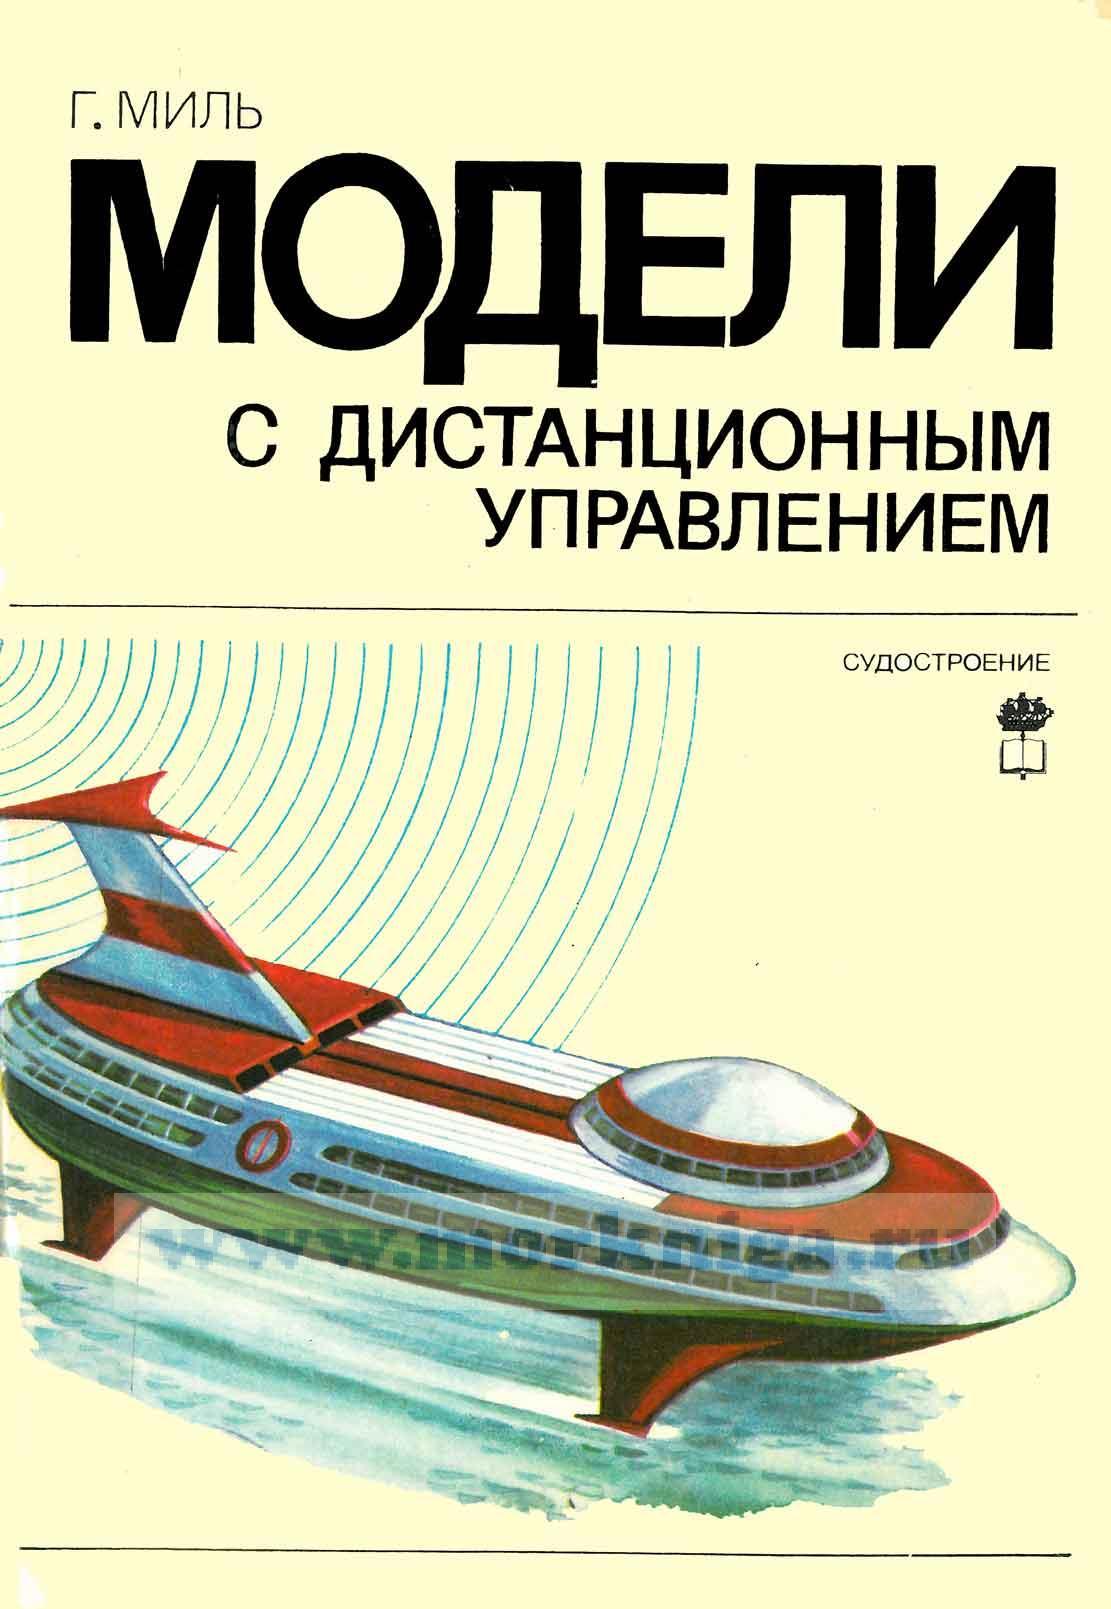 Модели с дистанционным управлением